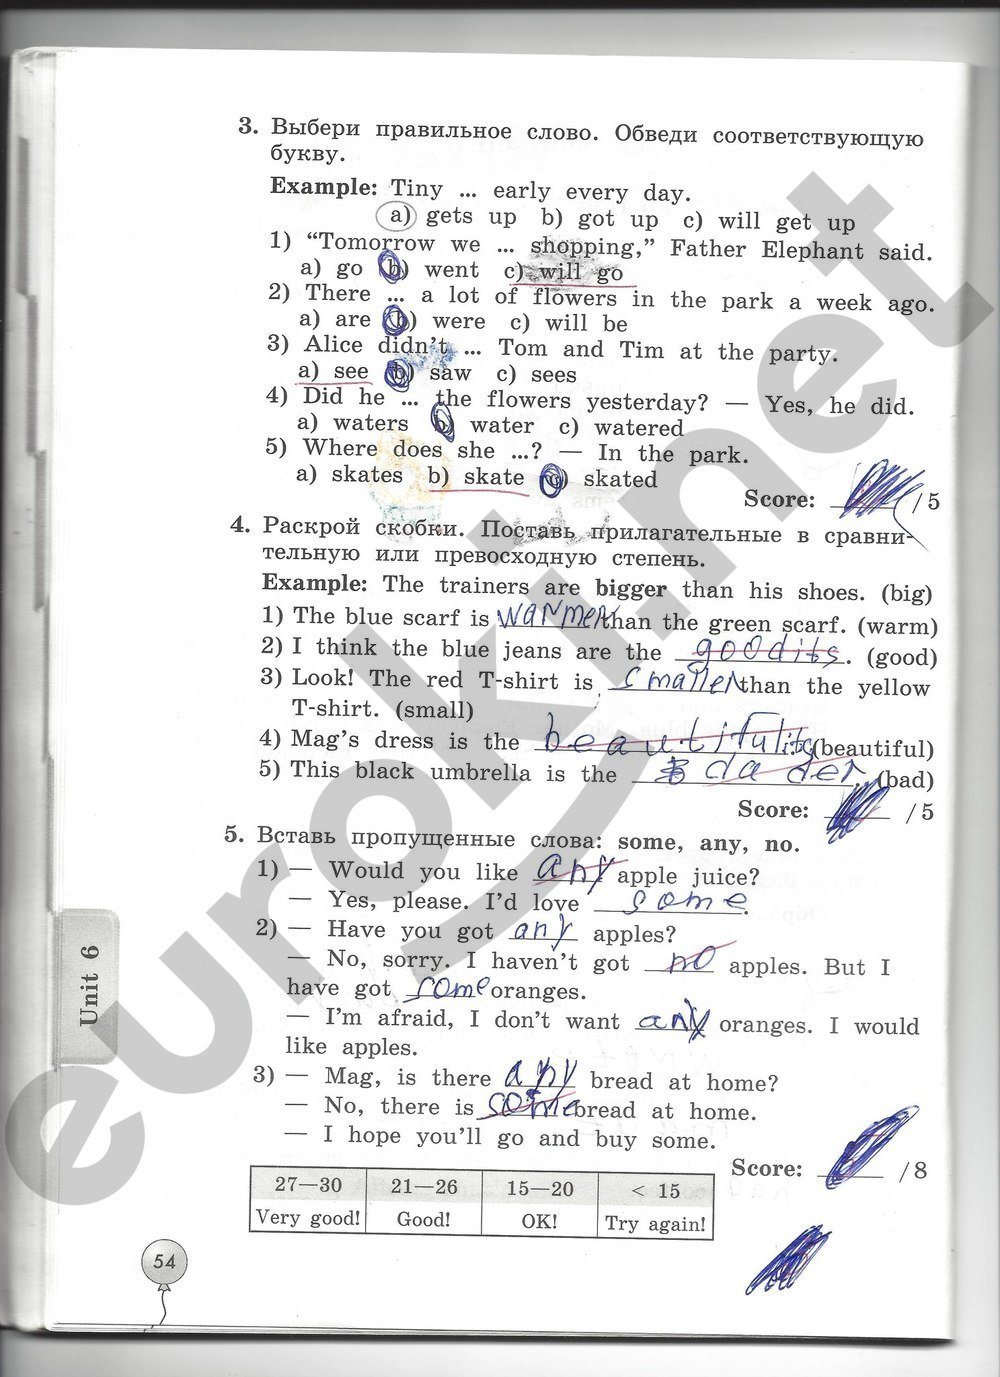 Гдз по английскому языку 4 класс биболетова денисенко трубанева рабочая тетрадь